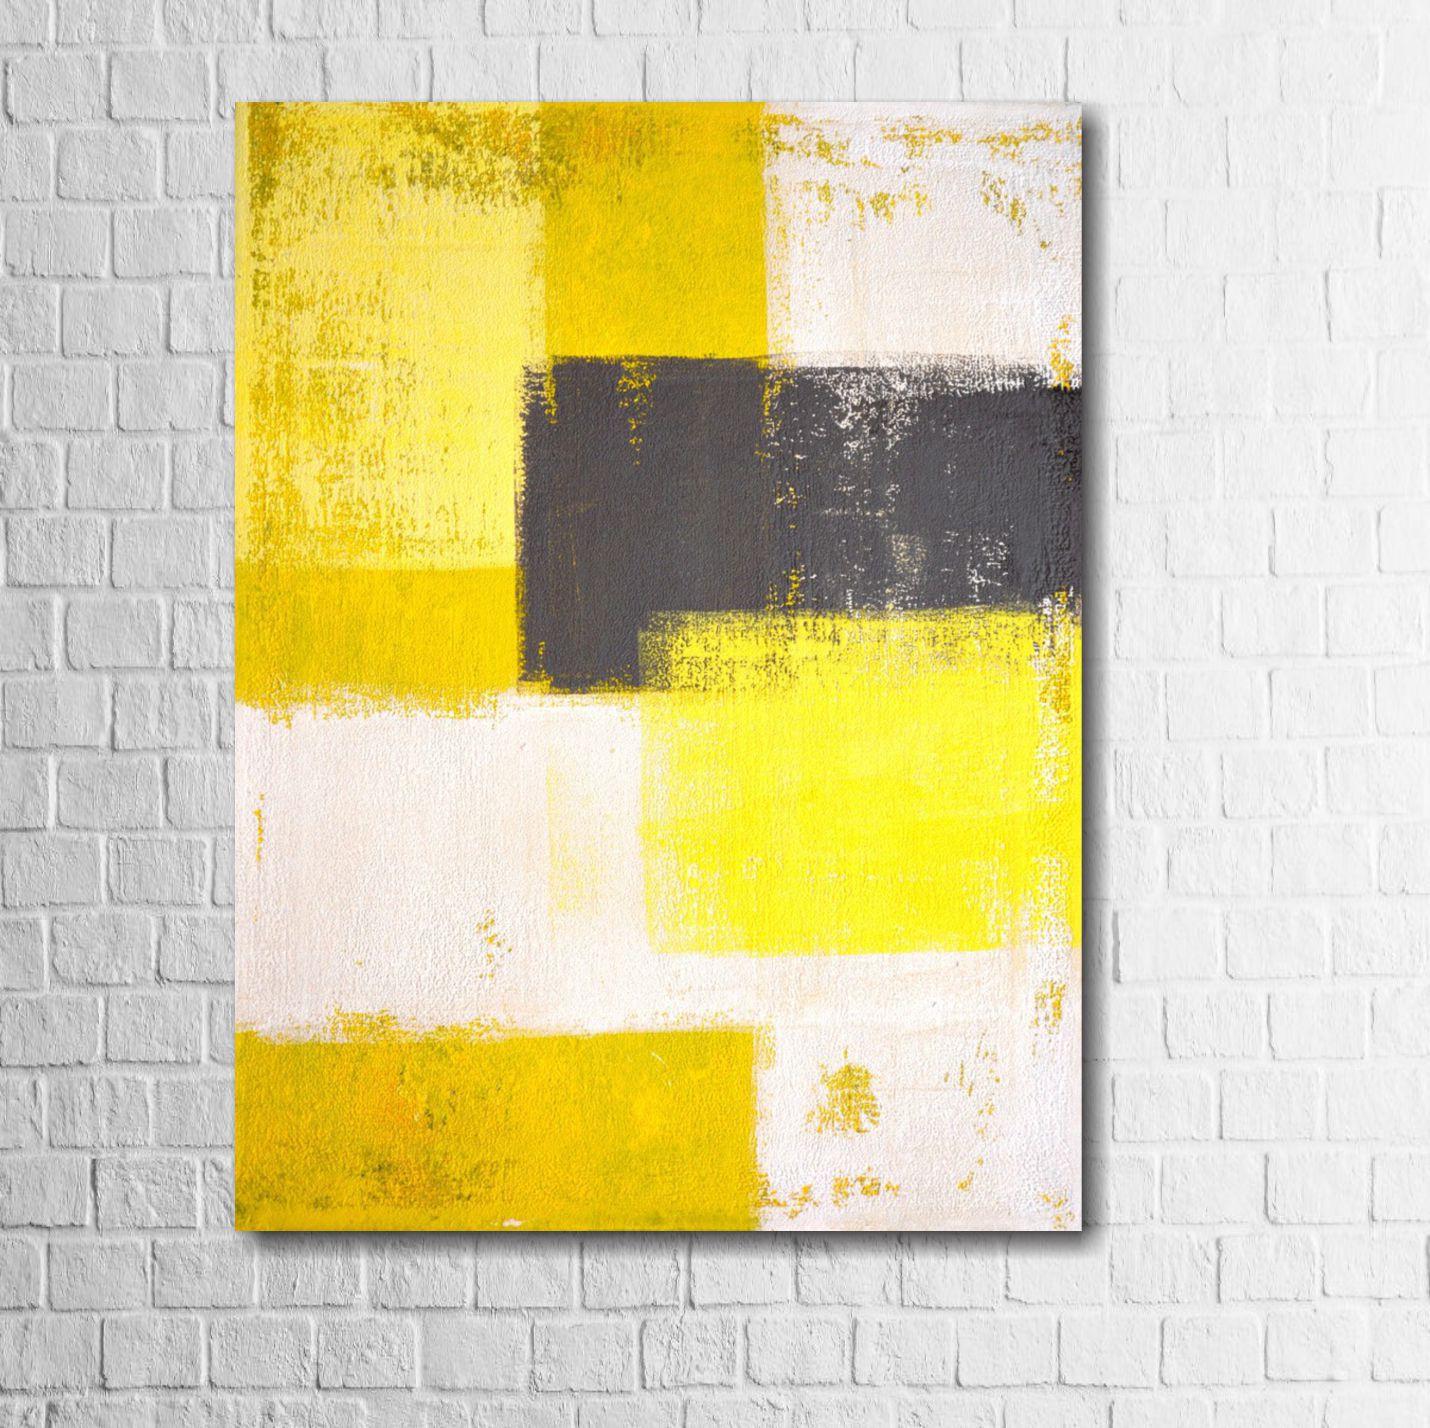 Quadro Decorativo Abstrato Amarelo 1 peça